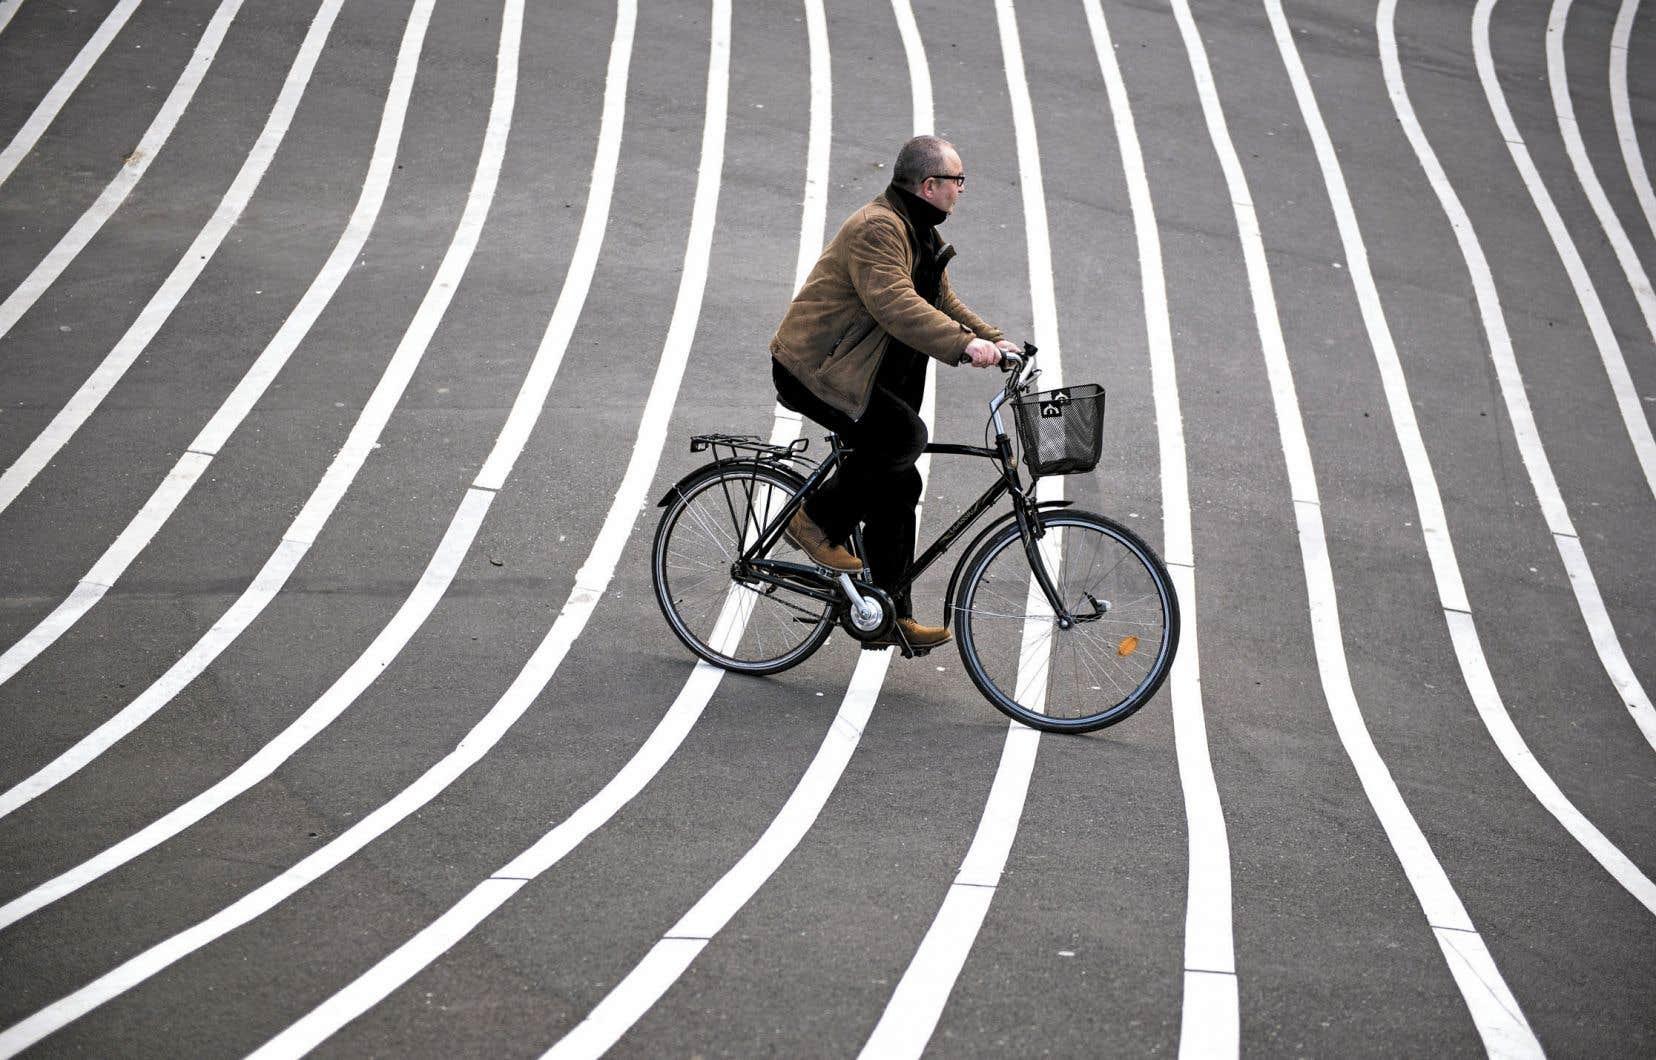 Les infrastructures consacrées aux cyclistes ont aussi un effet positif sur la mortalité routière urbaine en général.